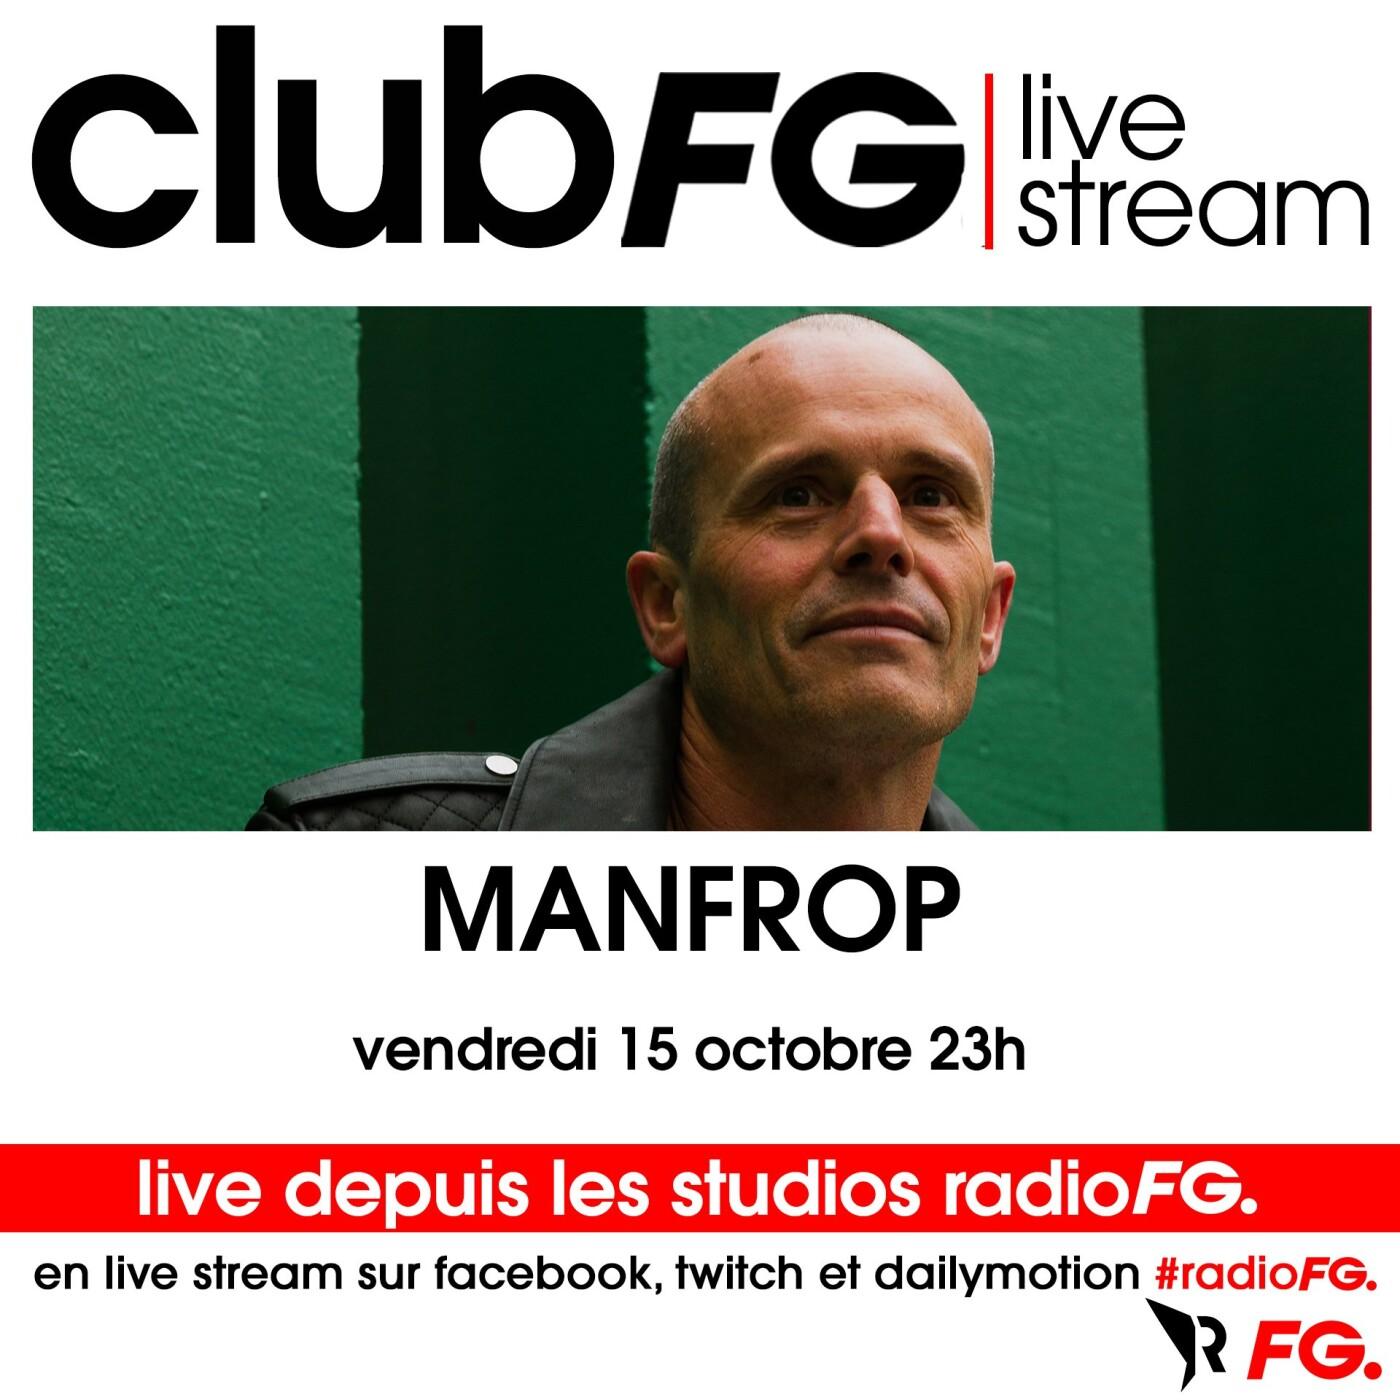 CLUB FG LIVE STREAM : MANFROP